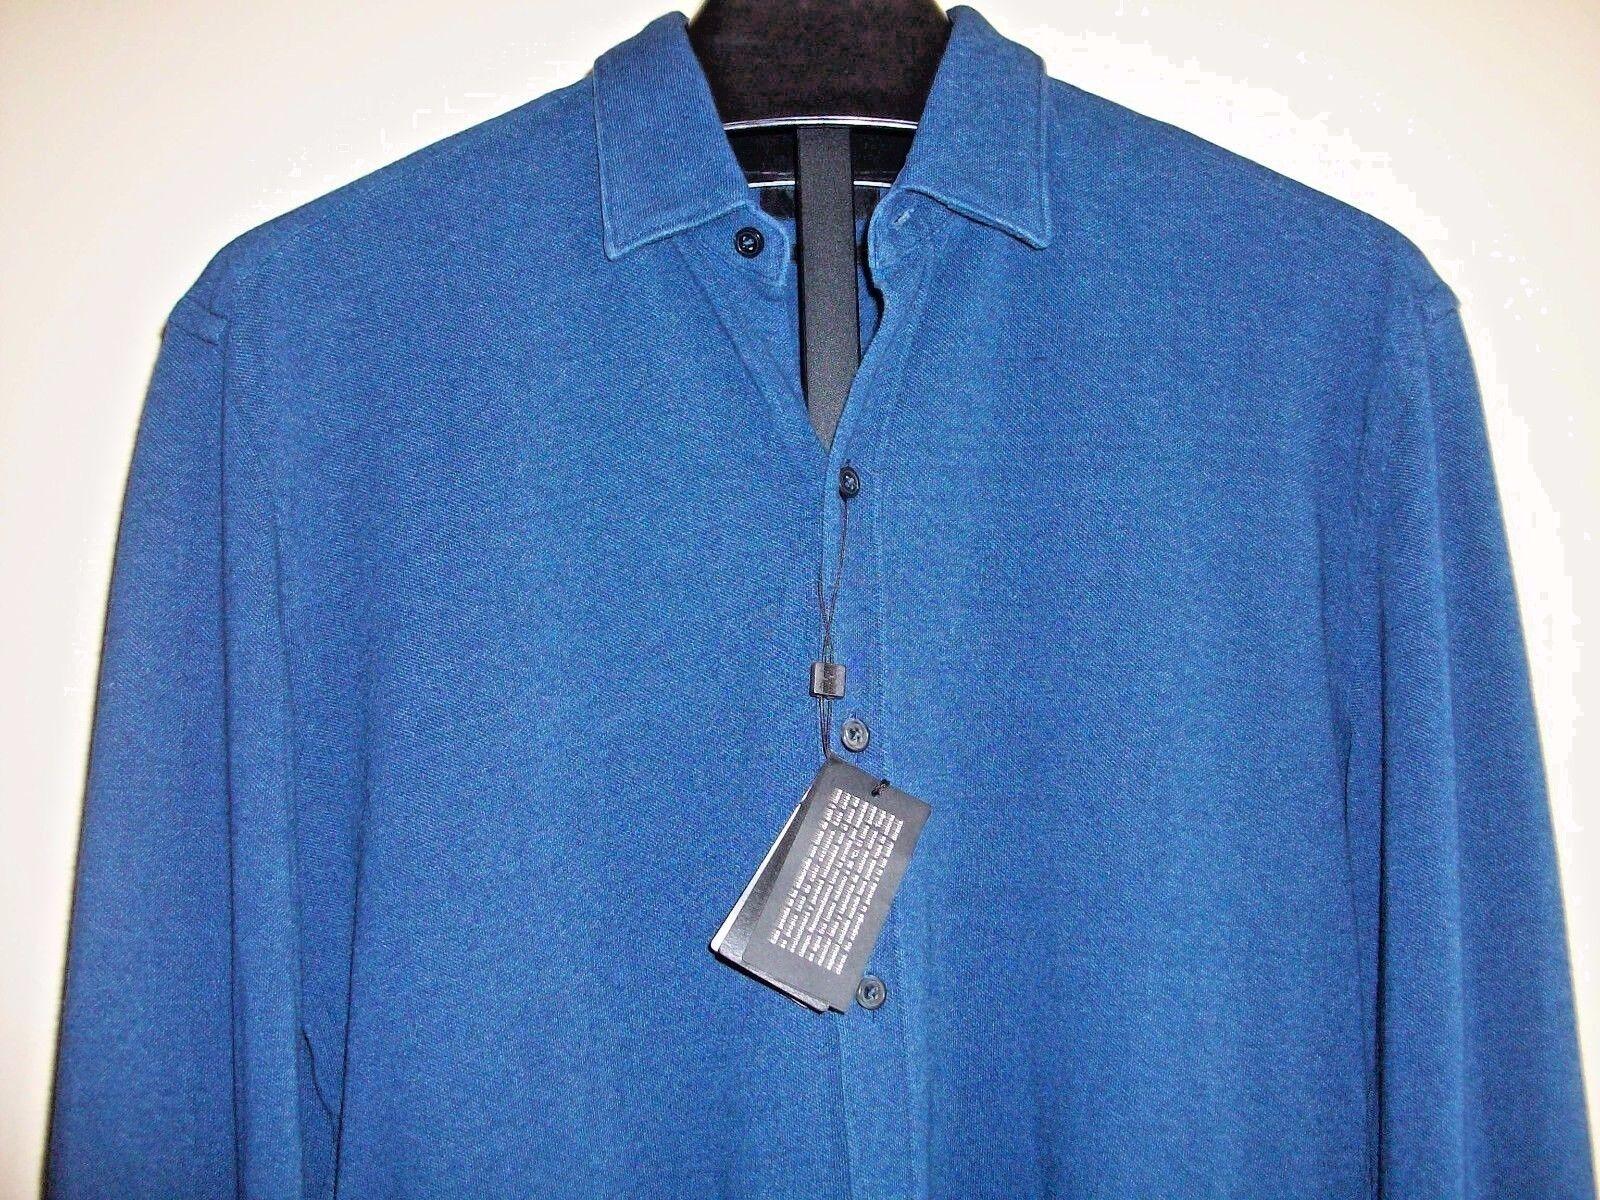 NWT 185 HUGO BOSS Men SHARP-FIT Dark Blau LONG-SLEEVE BUTTON DRESS SHIRT Größe L